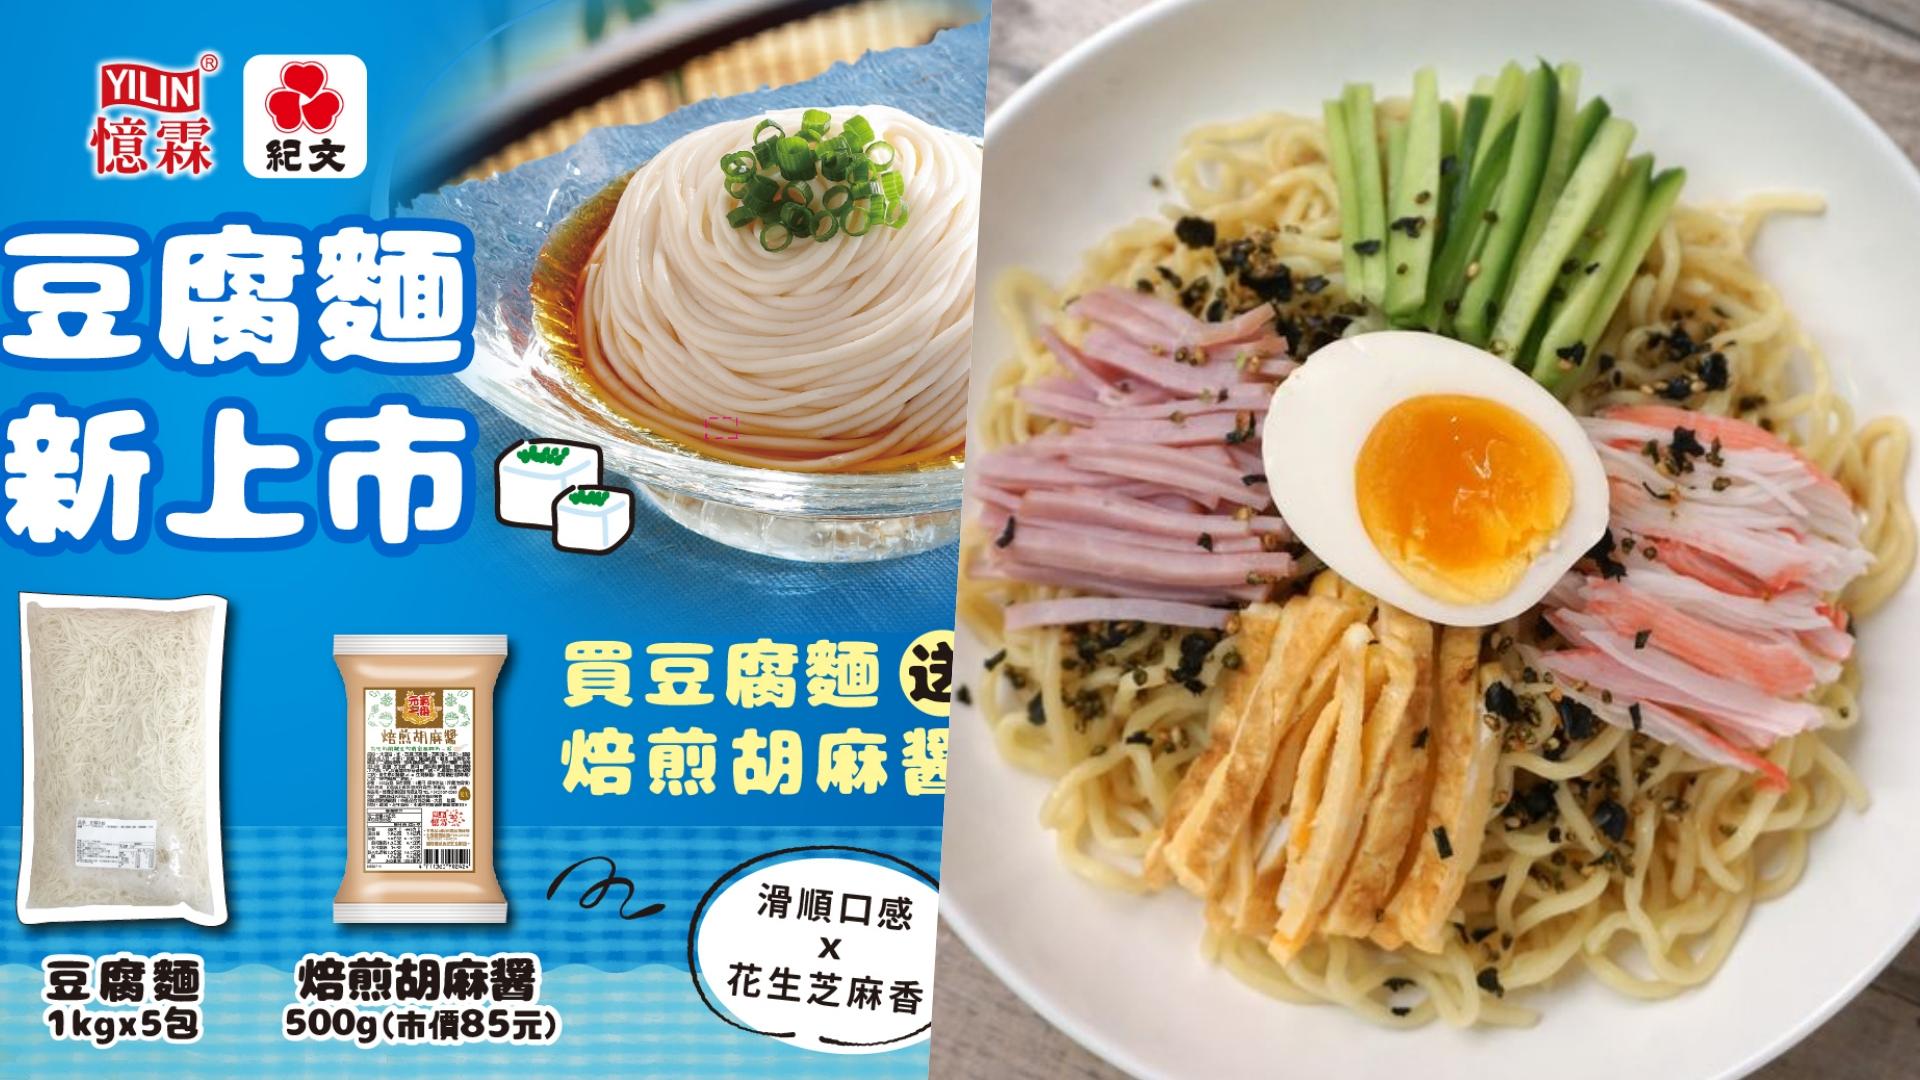 豆腐麵低熱量又散發淡淡豆香,吃起來超滿足!